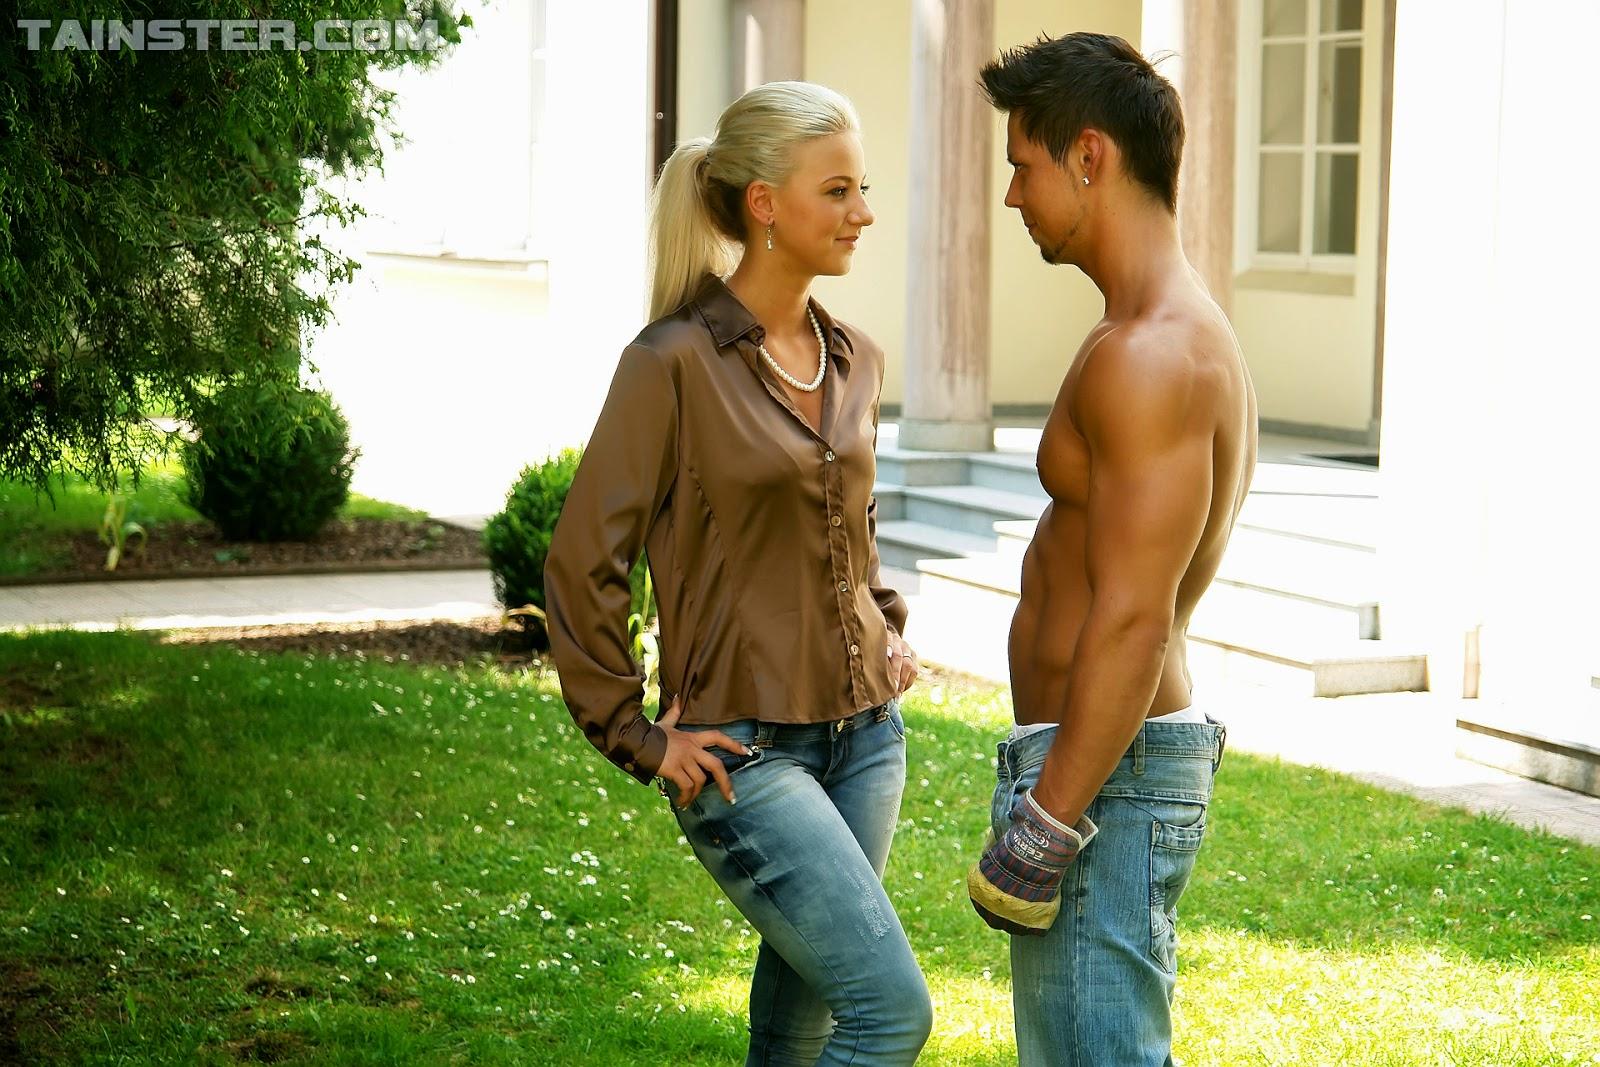 ficken in jeans